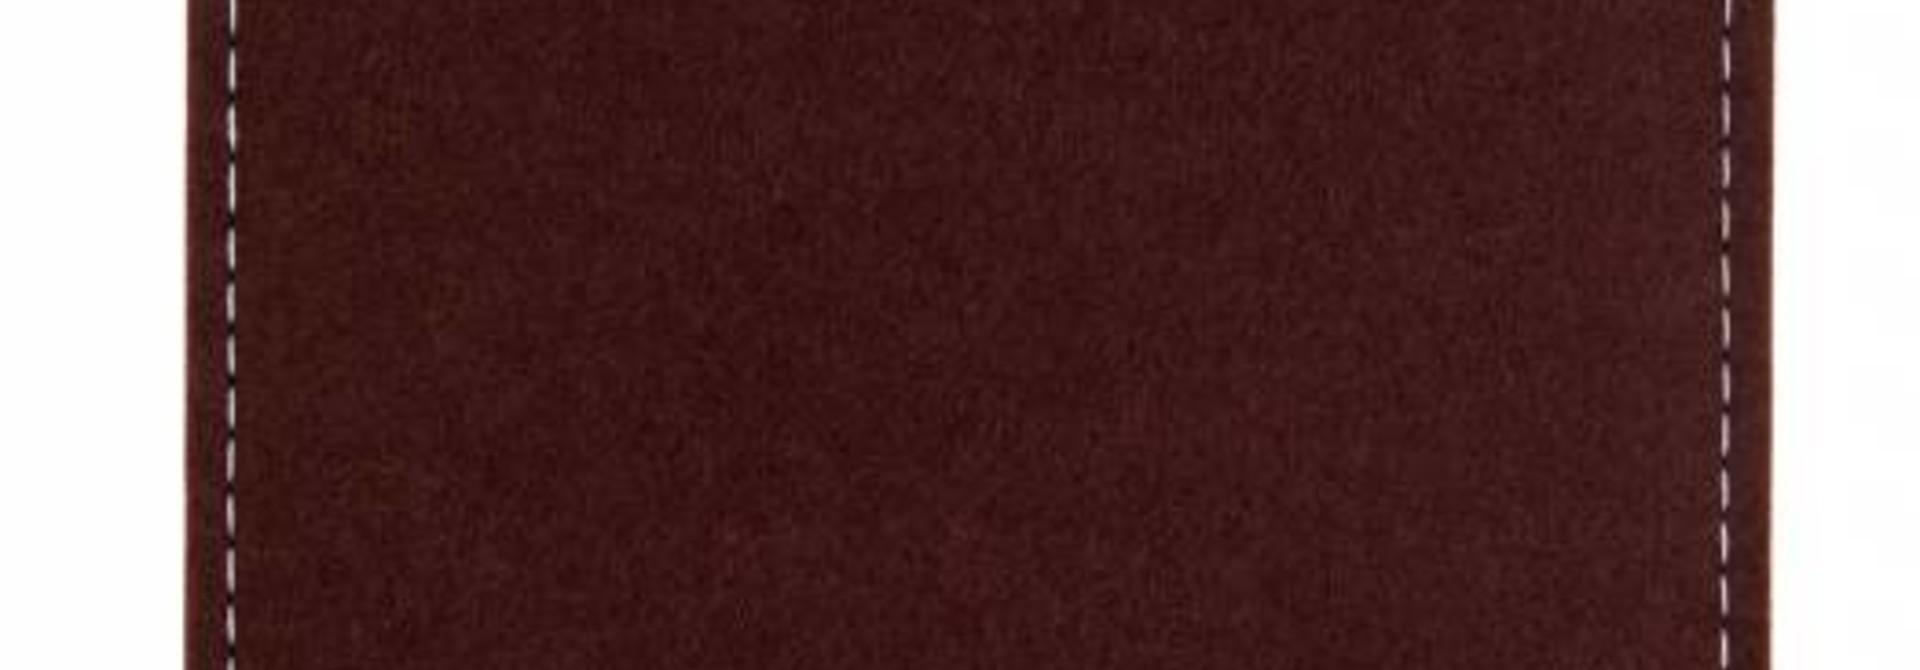 Seaboard Block Sleeve Dark-Brown